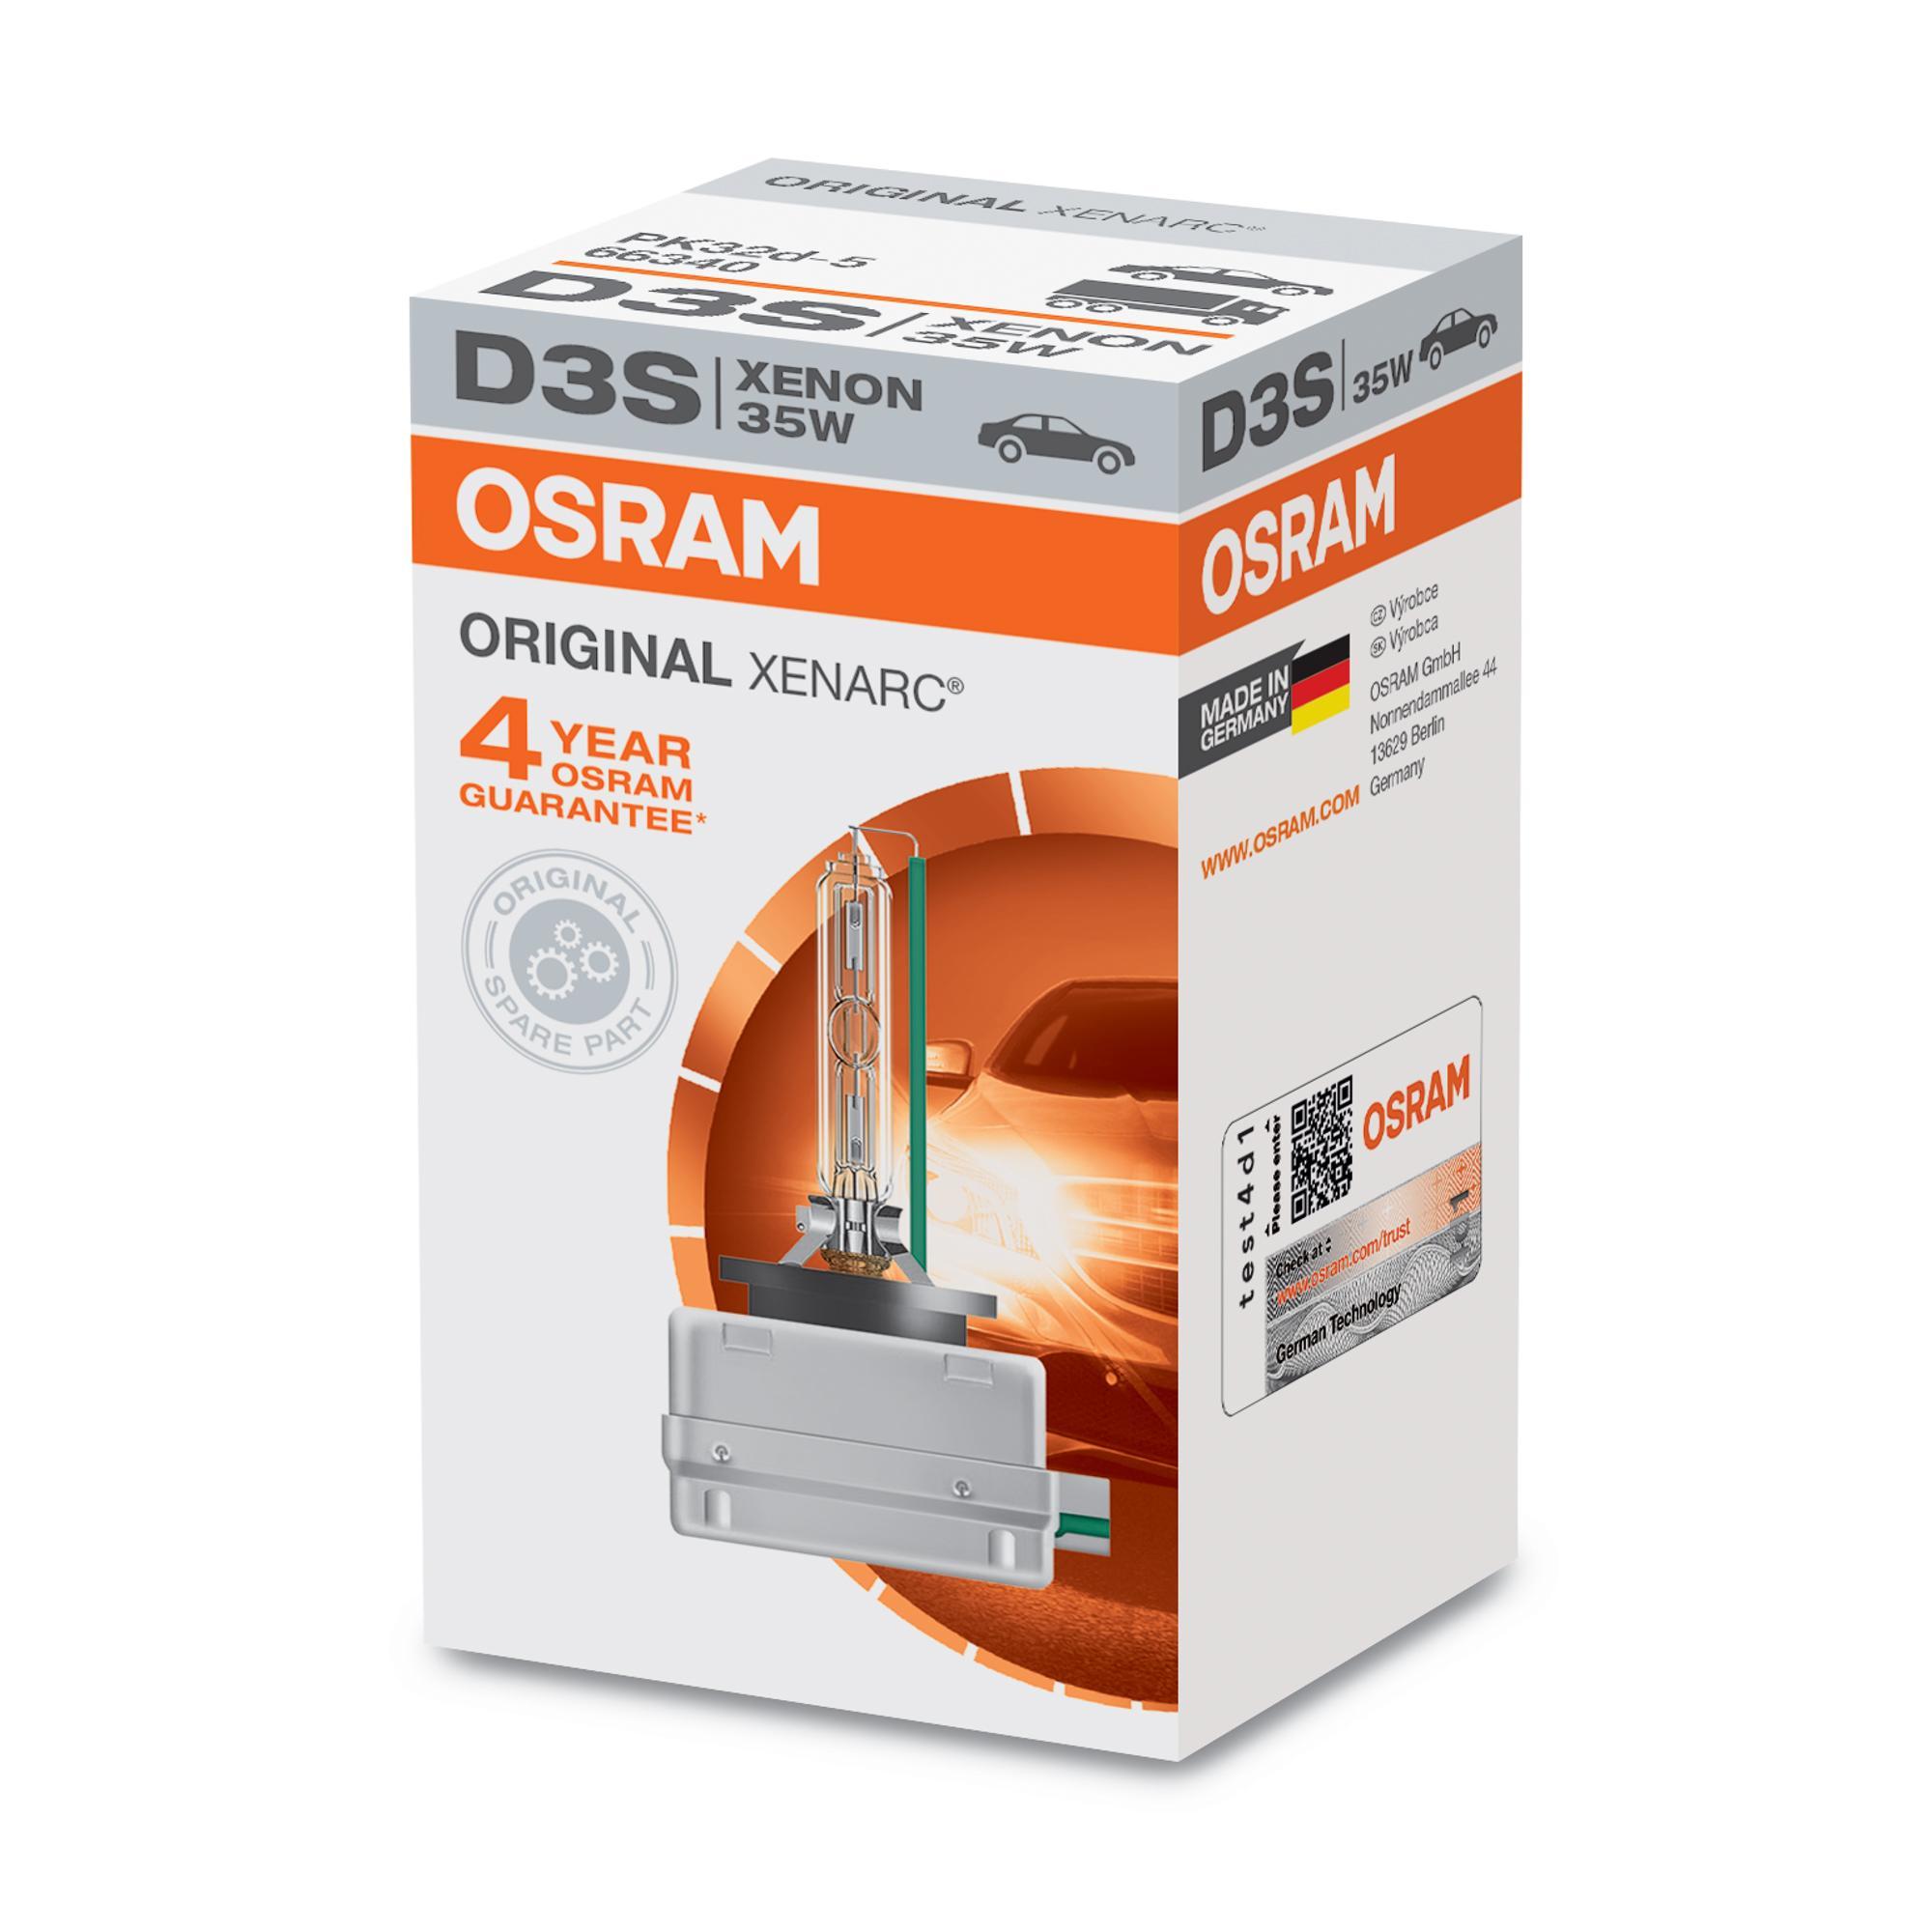 D3S OSRAM XENARC ORIGINAL 35W, D3S (Lampa descarcare gaze), 42V Bec, far faza lunga 66340 cumpără costuri reduse